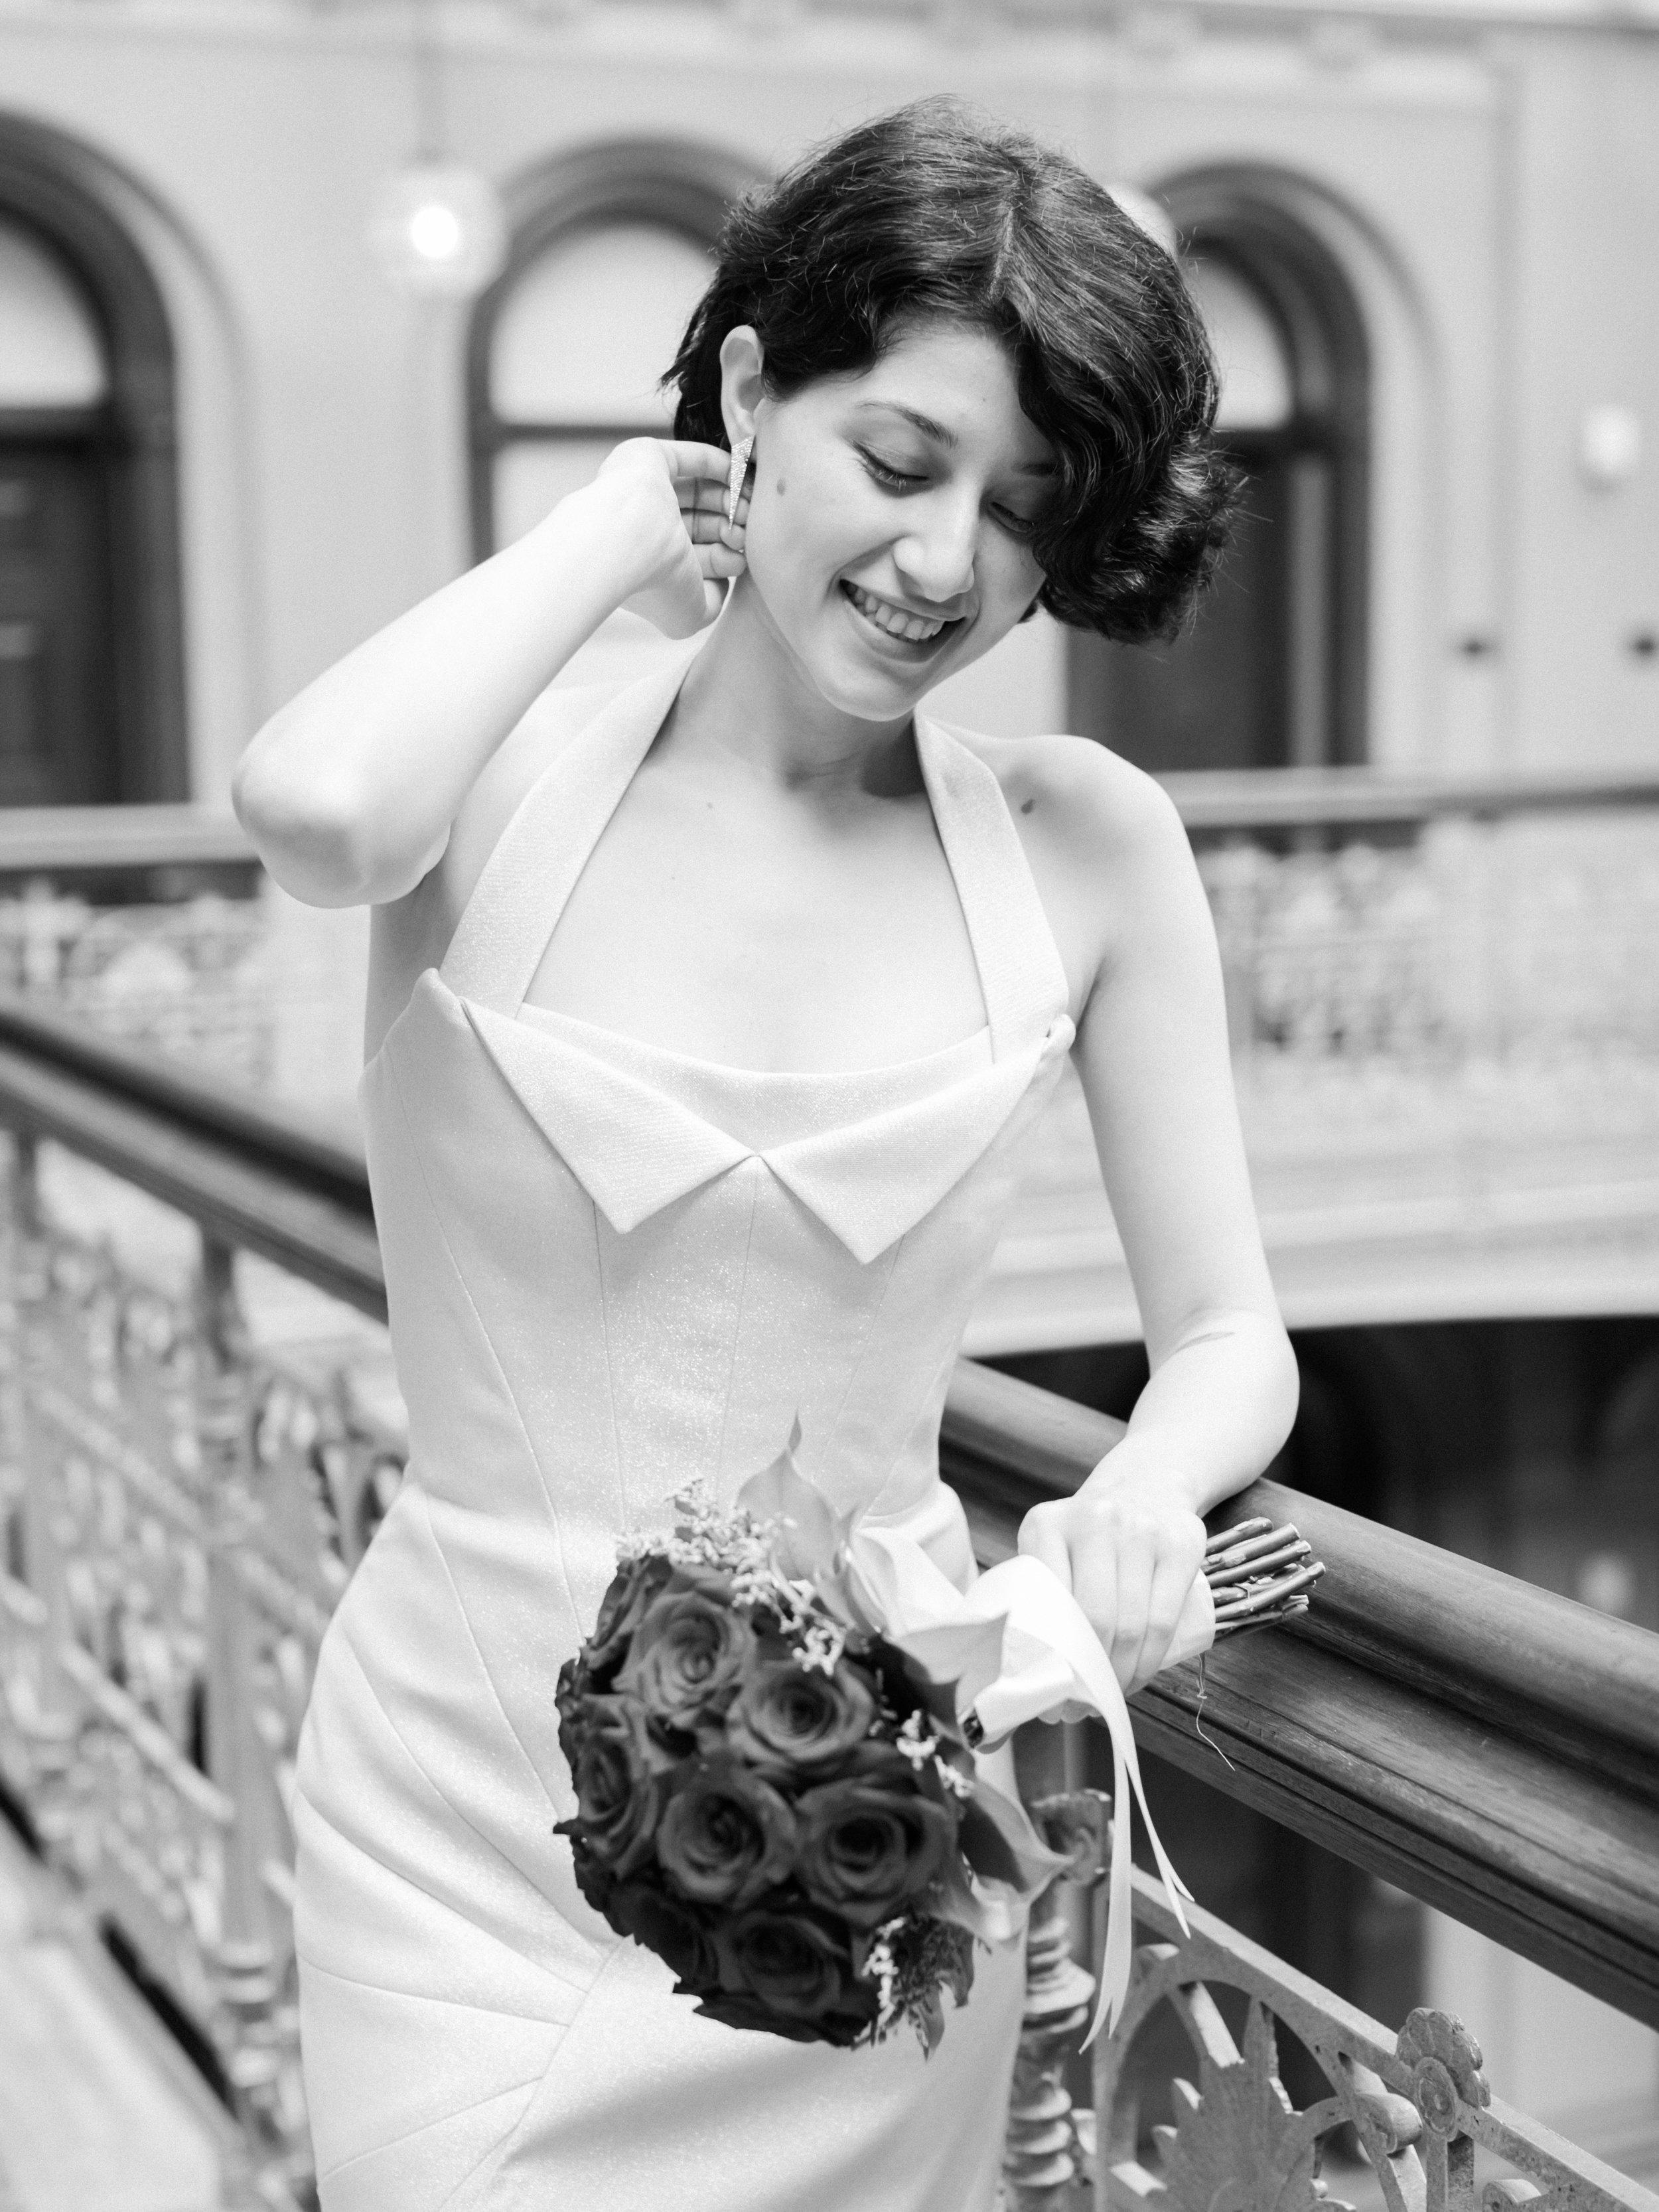 beekman-hotel-elopement-photographer15.jpg